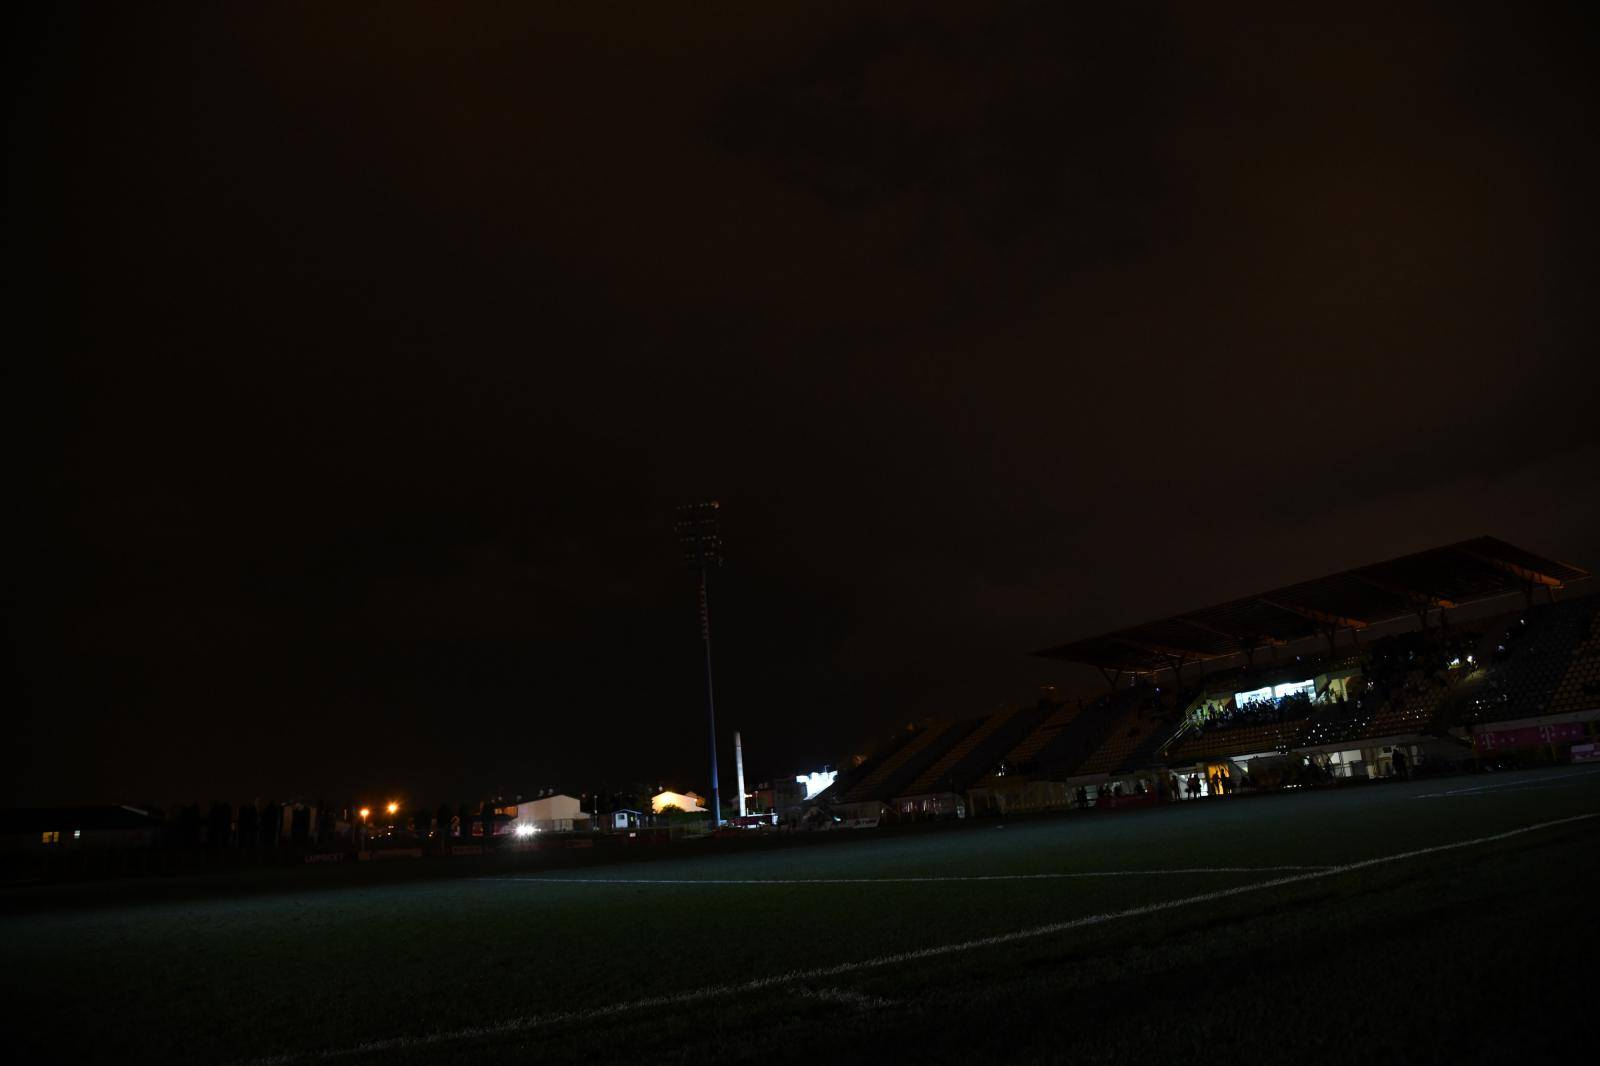 Zaprešiæ: Dolazak olujnog nevremena rezultirao nestankom struje  tijekom utakmice HNL-a